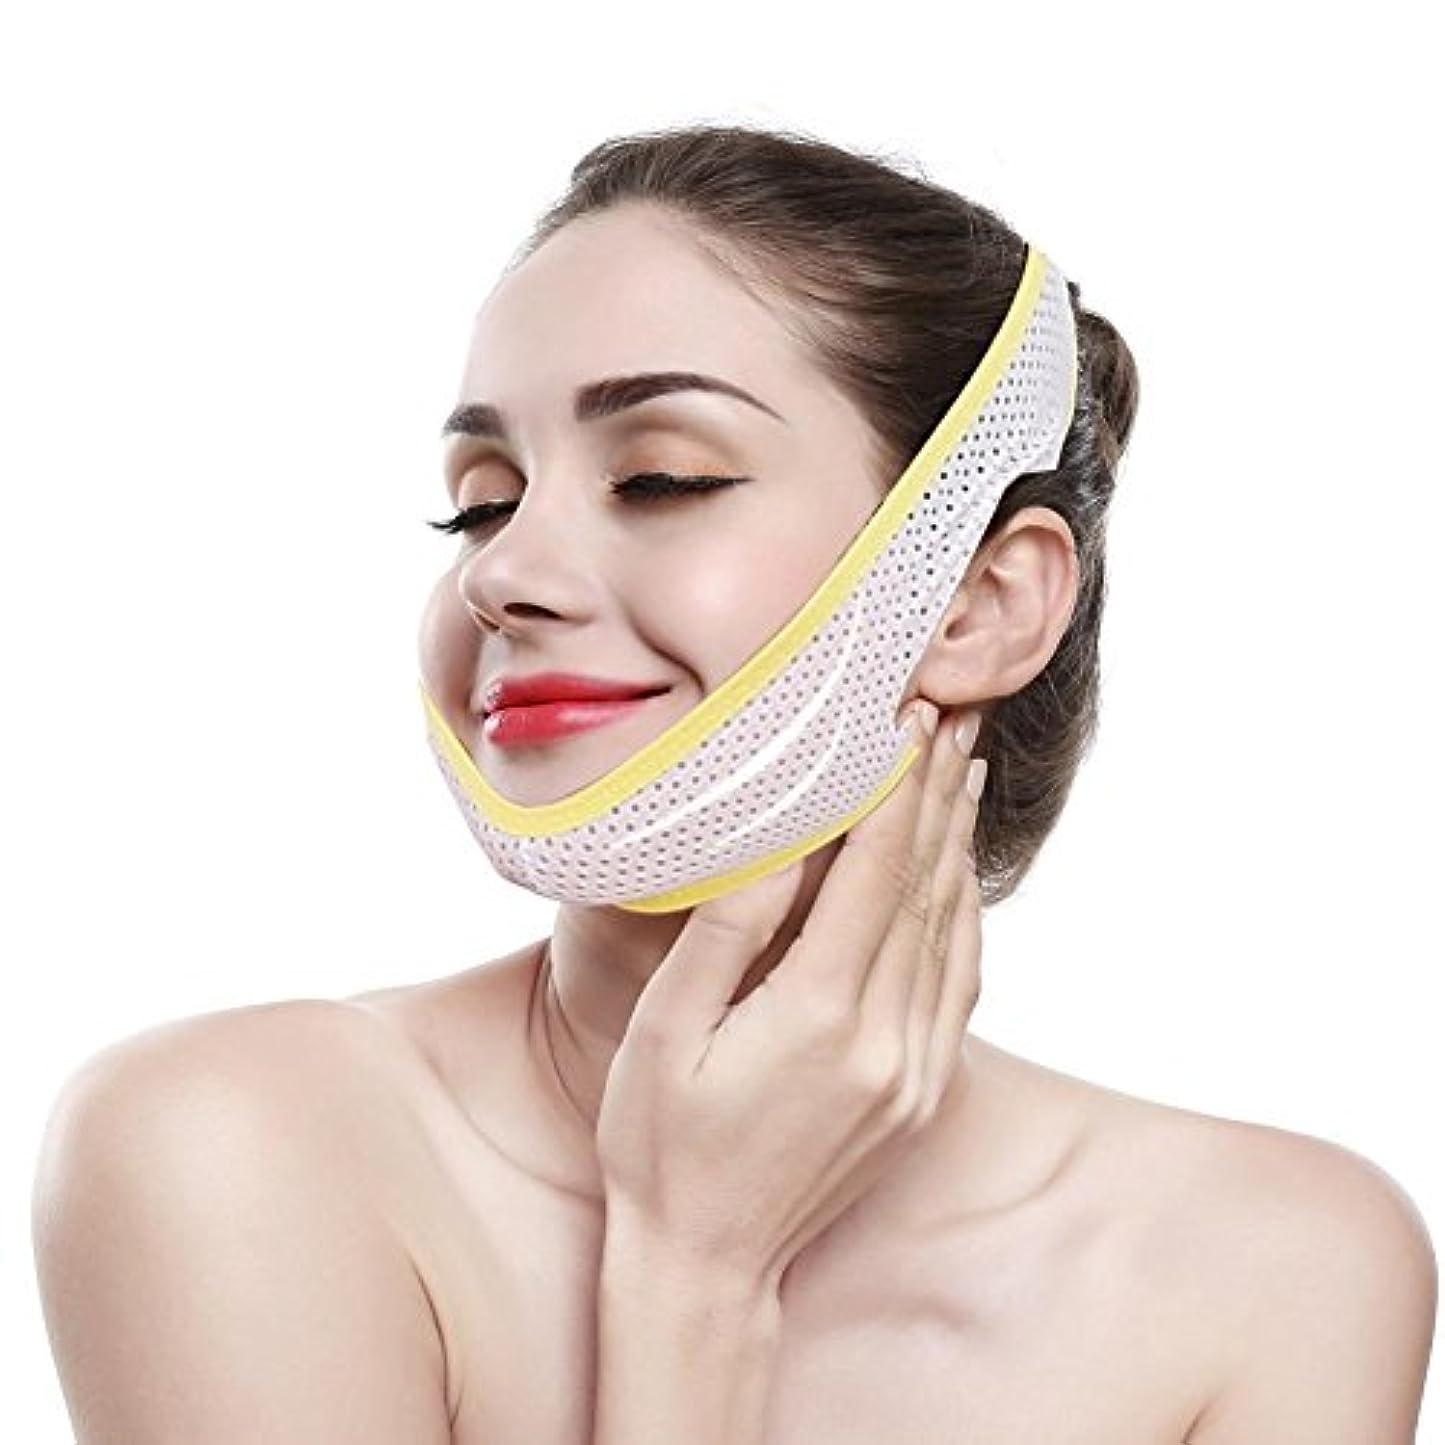 滑るビリー歴史的顎リフト フェイススリミング包帯 フェイスベルト 顔の包帯スリミングダブルチンVラインとフェイシャルケアファーミングスキン 女性の超薄型 フェイスマス クラインベルト スリミング製品マスク(M)